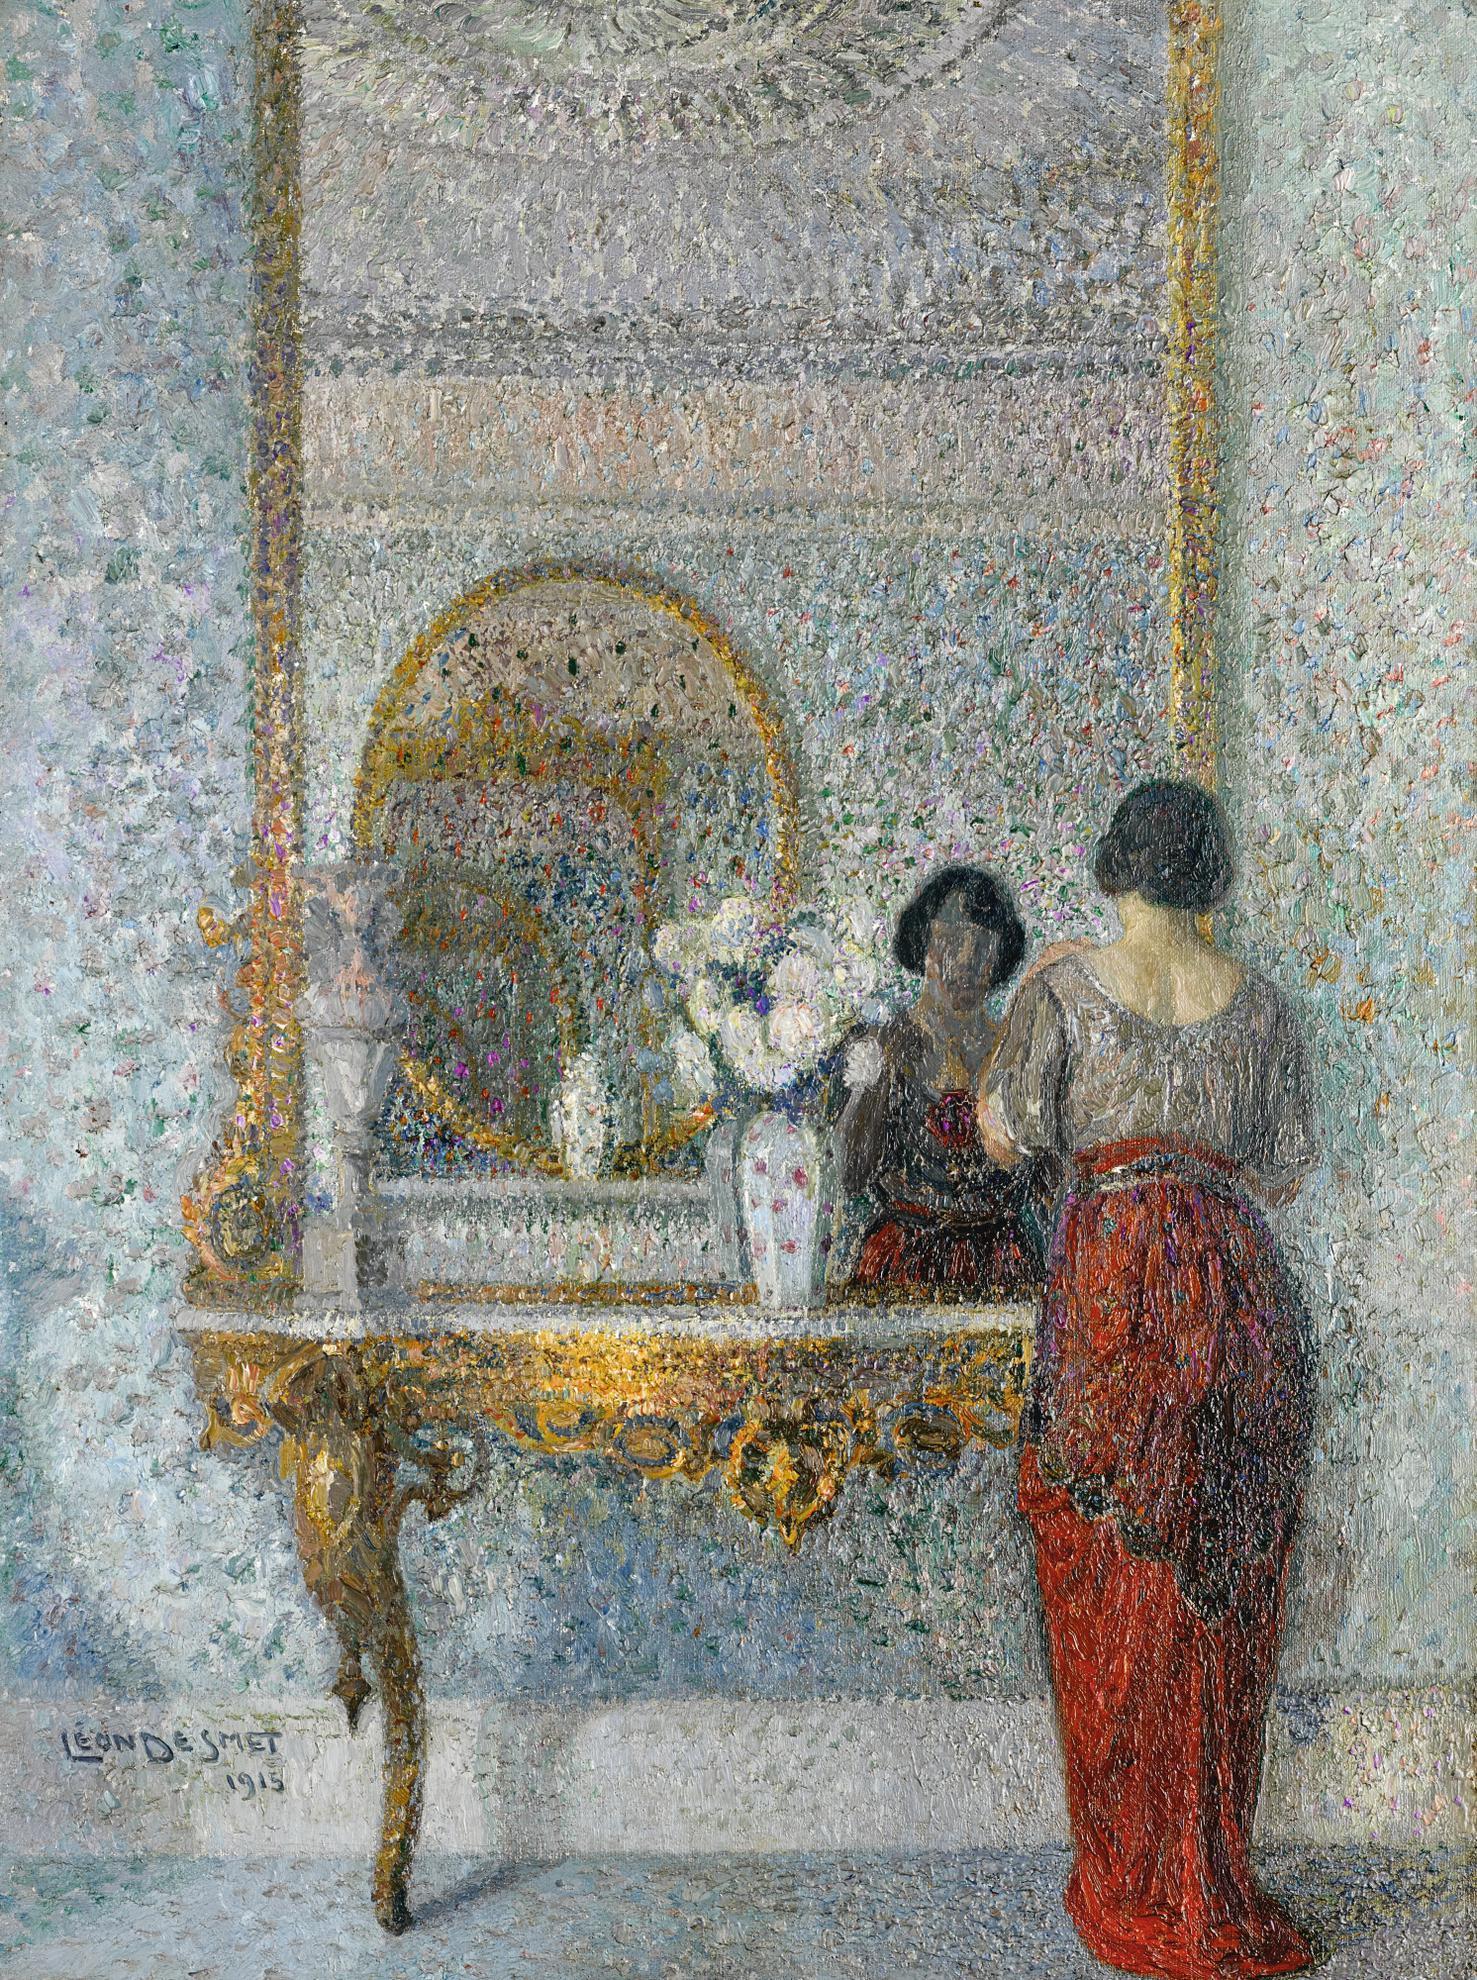 Leon De Smet-Femme Au Miroir-1915